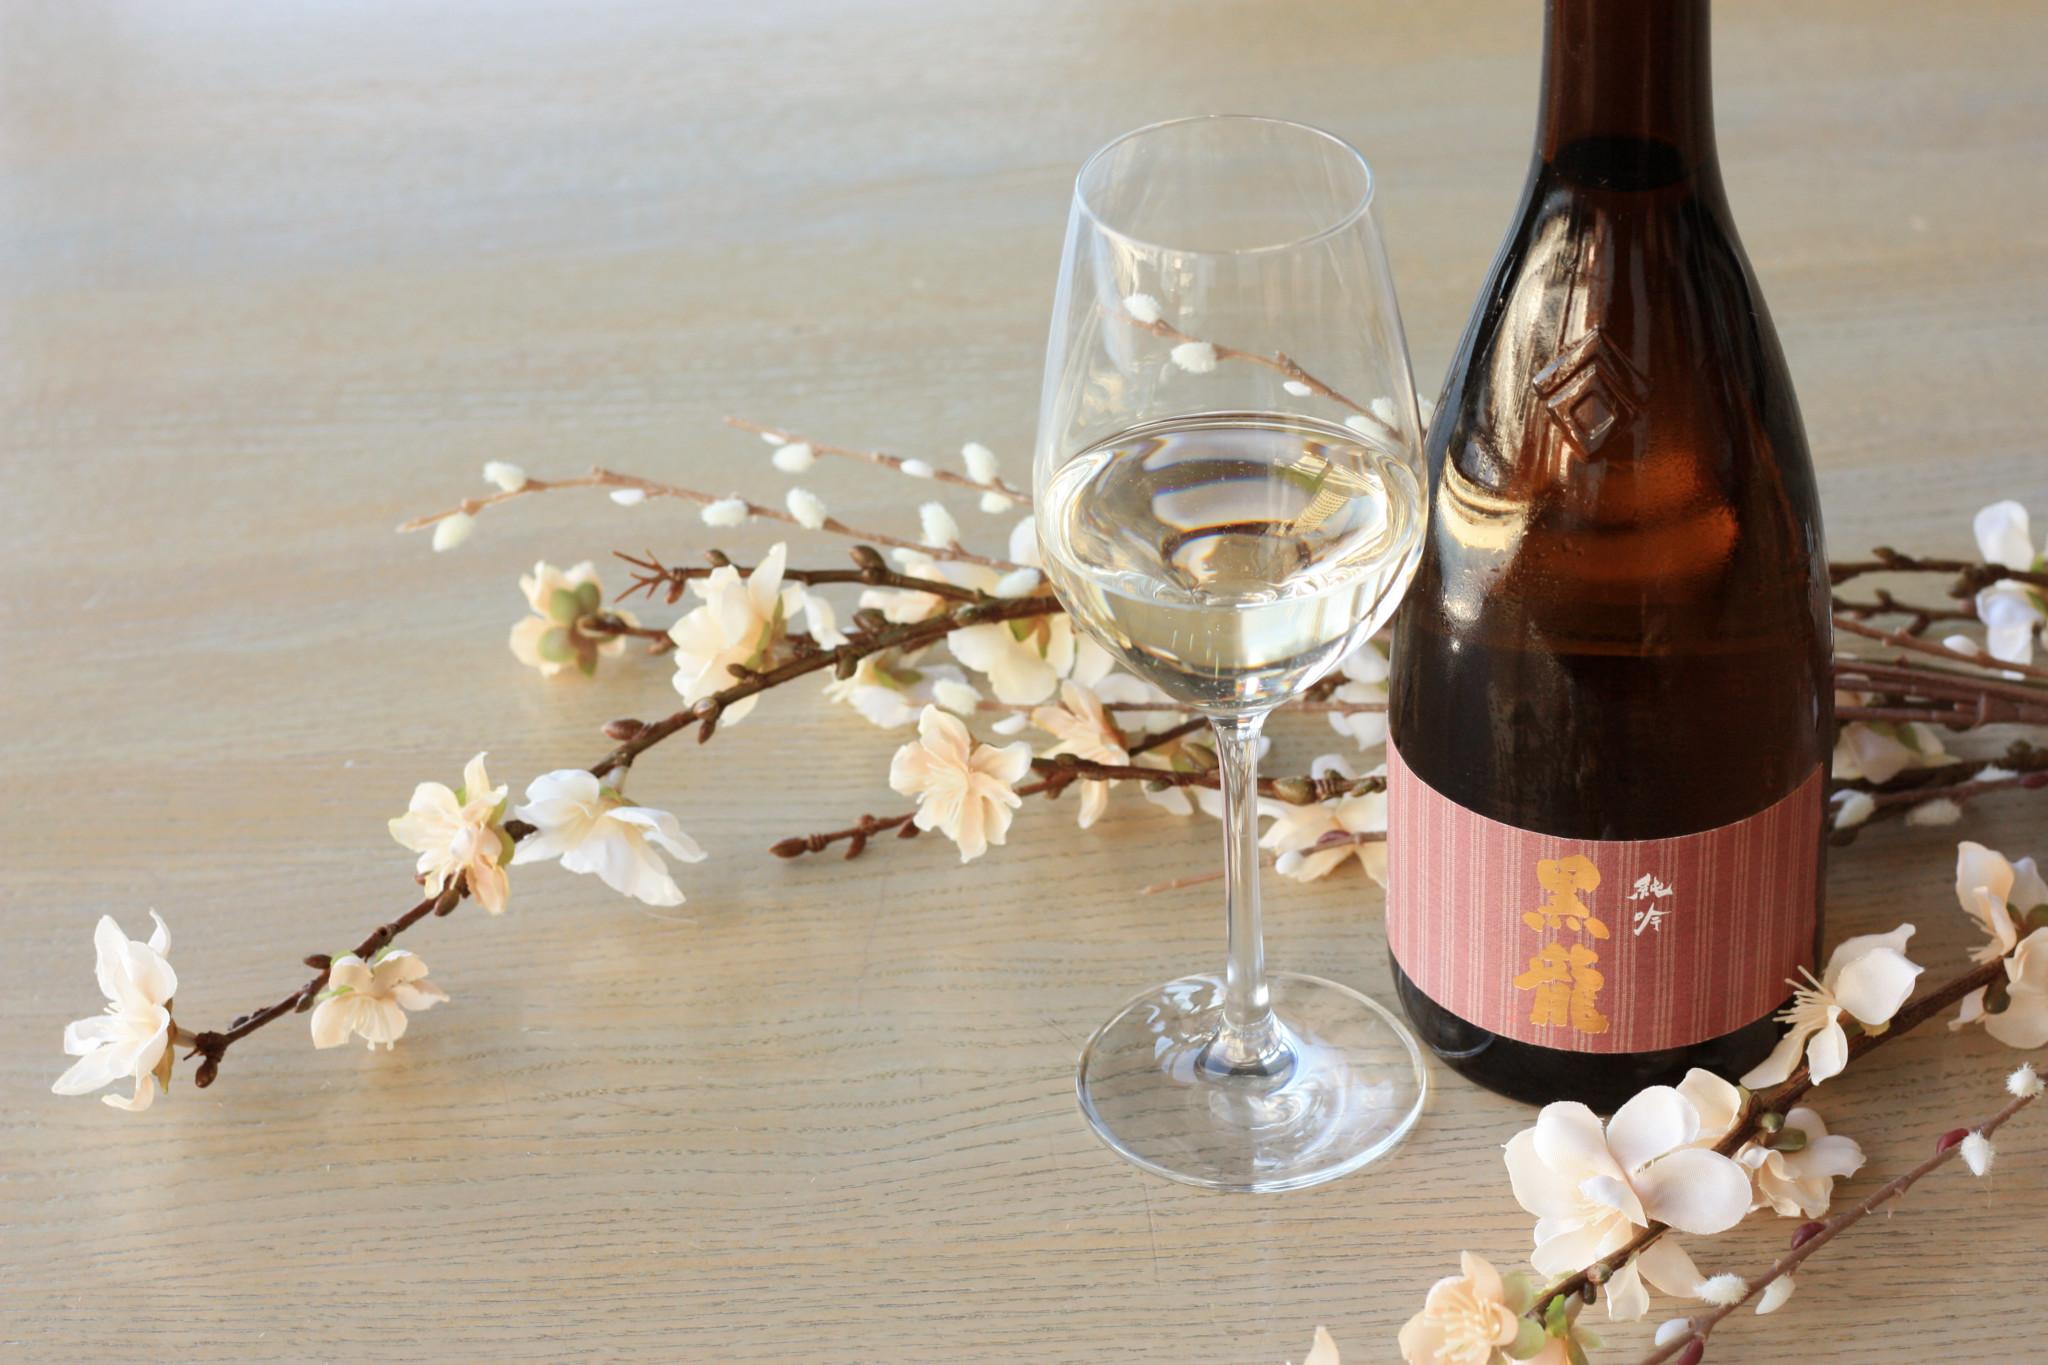 Cherry Blossom season at Miku, Minami, and Gyoza Bar